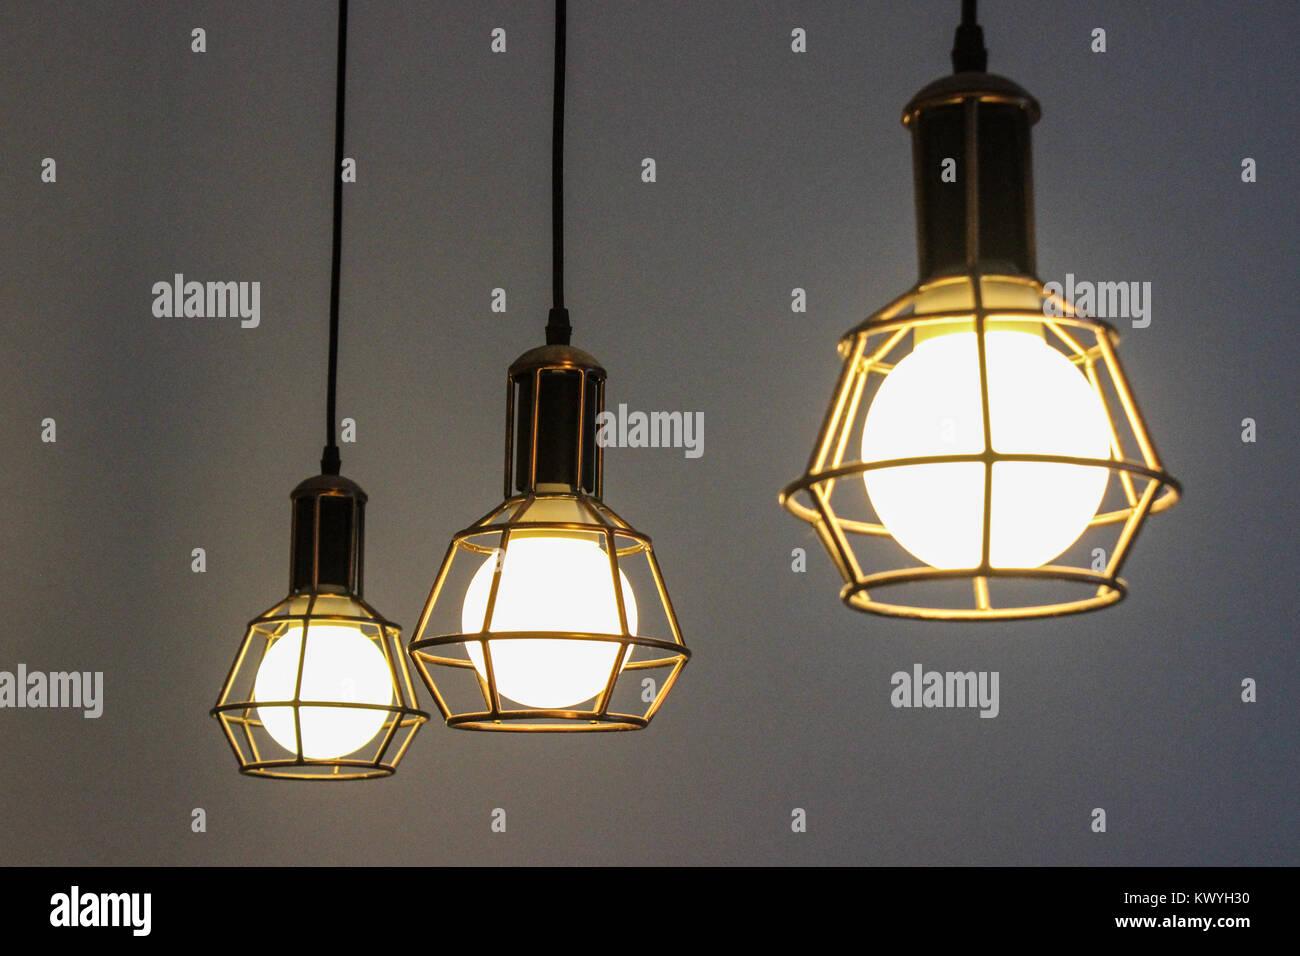 Moderne Design Lampen : Moderne designer lampen aufhängen innenarchitektur stockfoto